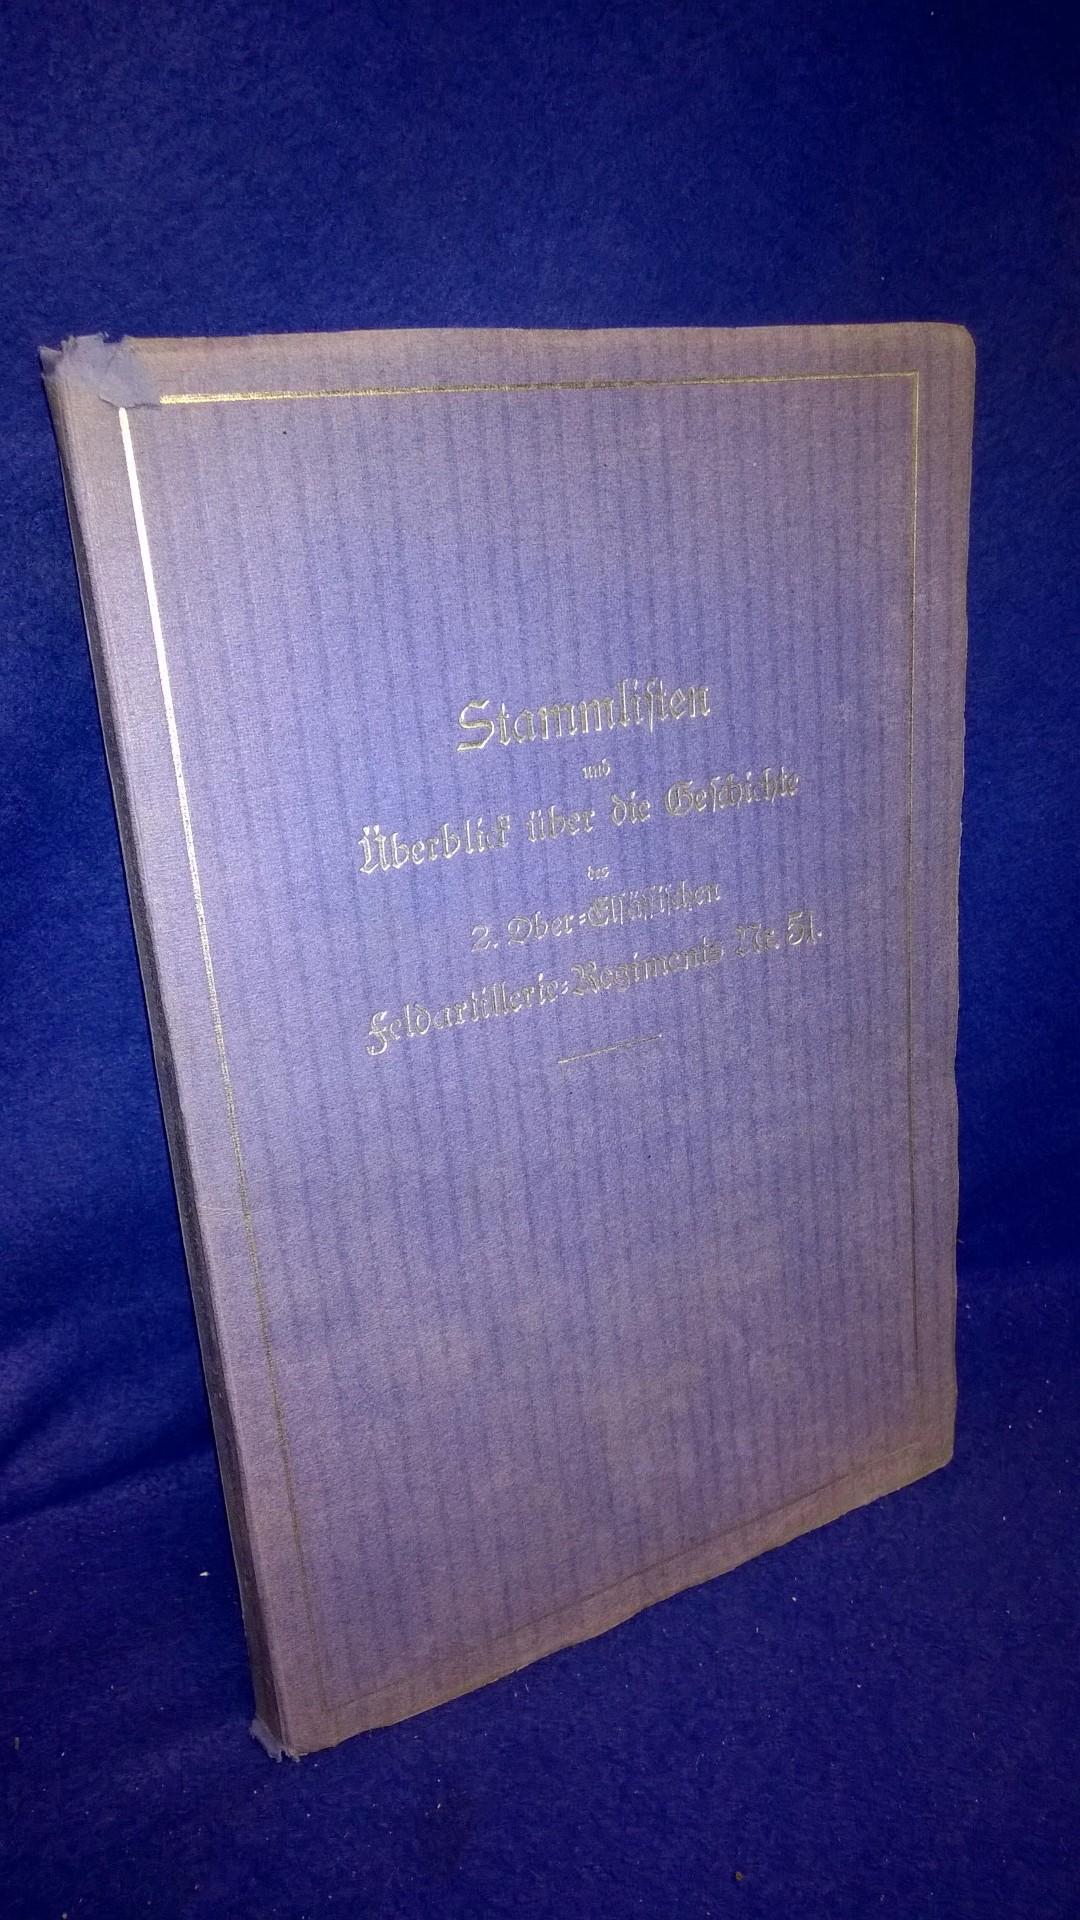 Stammlisten und Überblick über die Geschichte des Ober-Elsässischen Feldartillerie-Regiments Nr. 51. Abgeschlossen mit dem 27. Januar 1913.